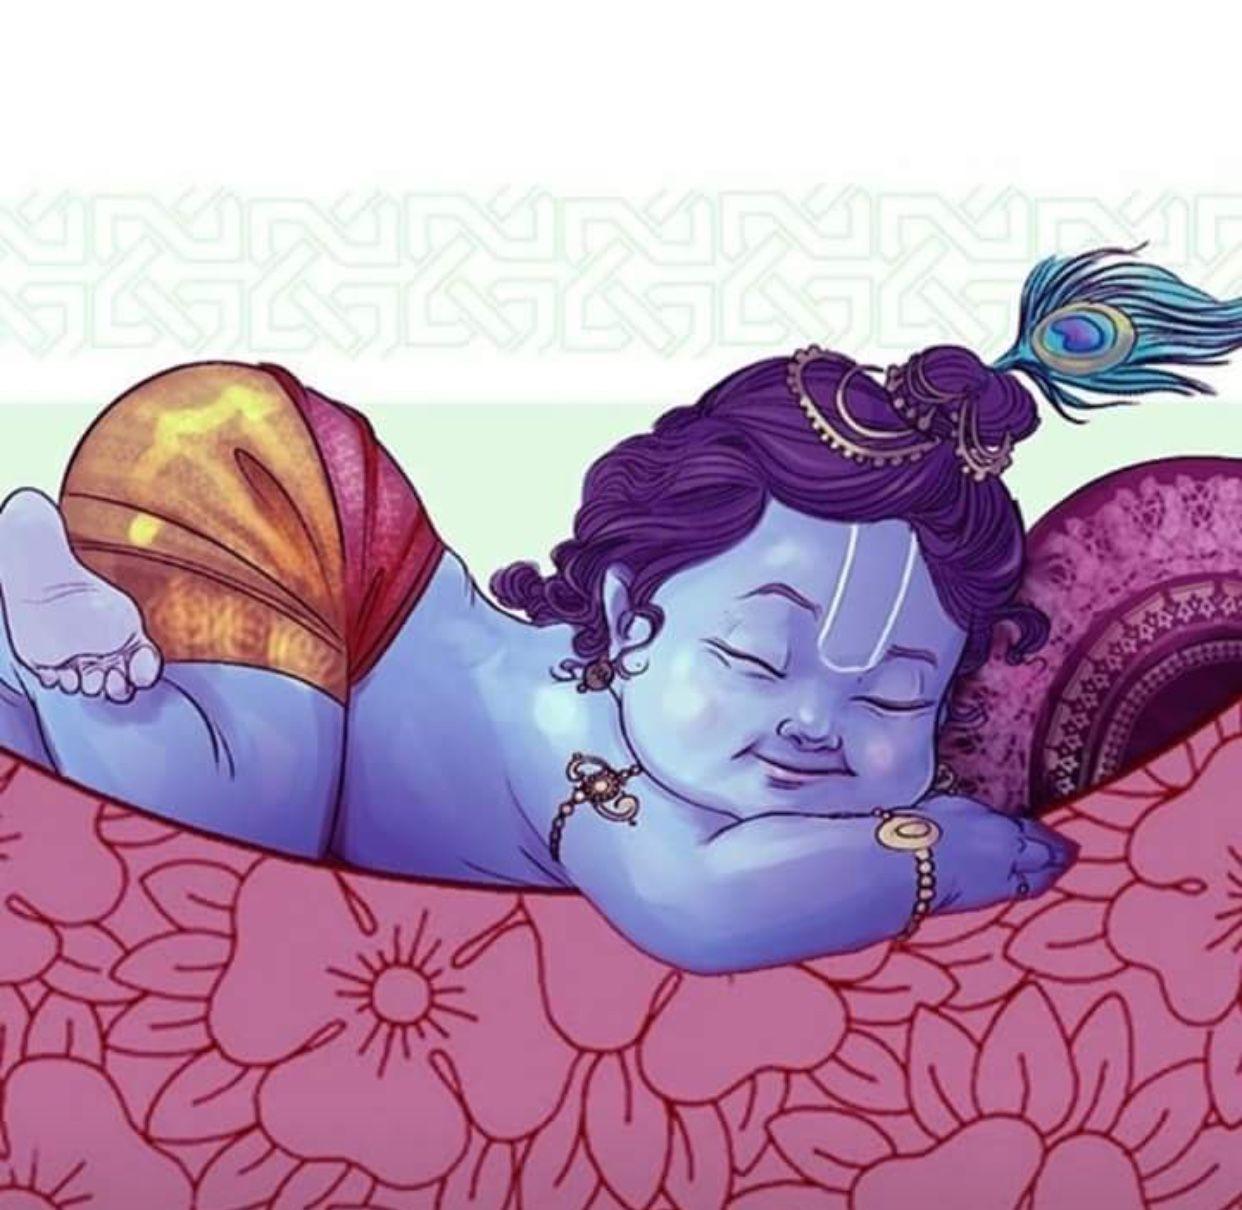 baby krishna radha krishna art krishna painting baby krishna radha krishna